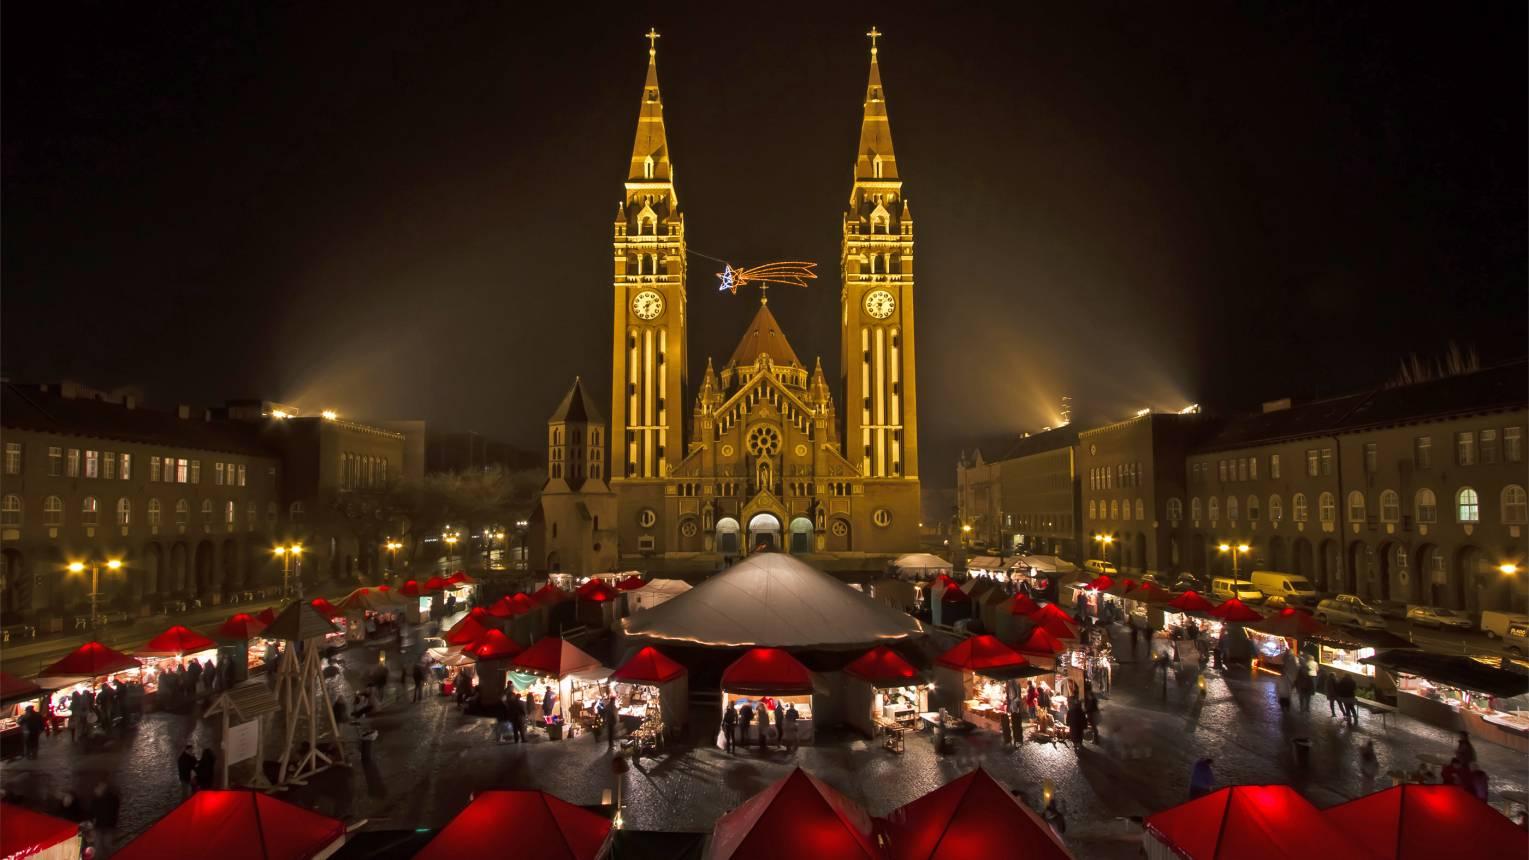 Borvacsorás élményséta Szegeden